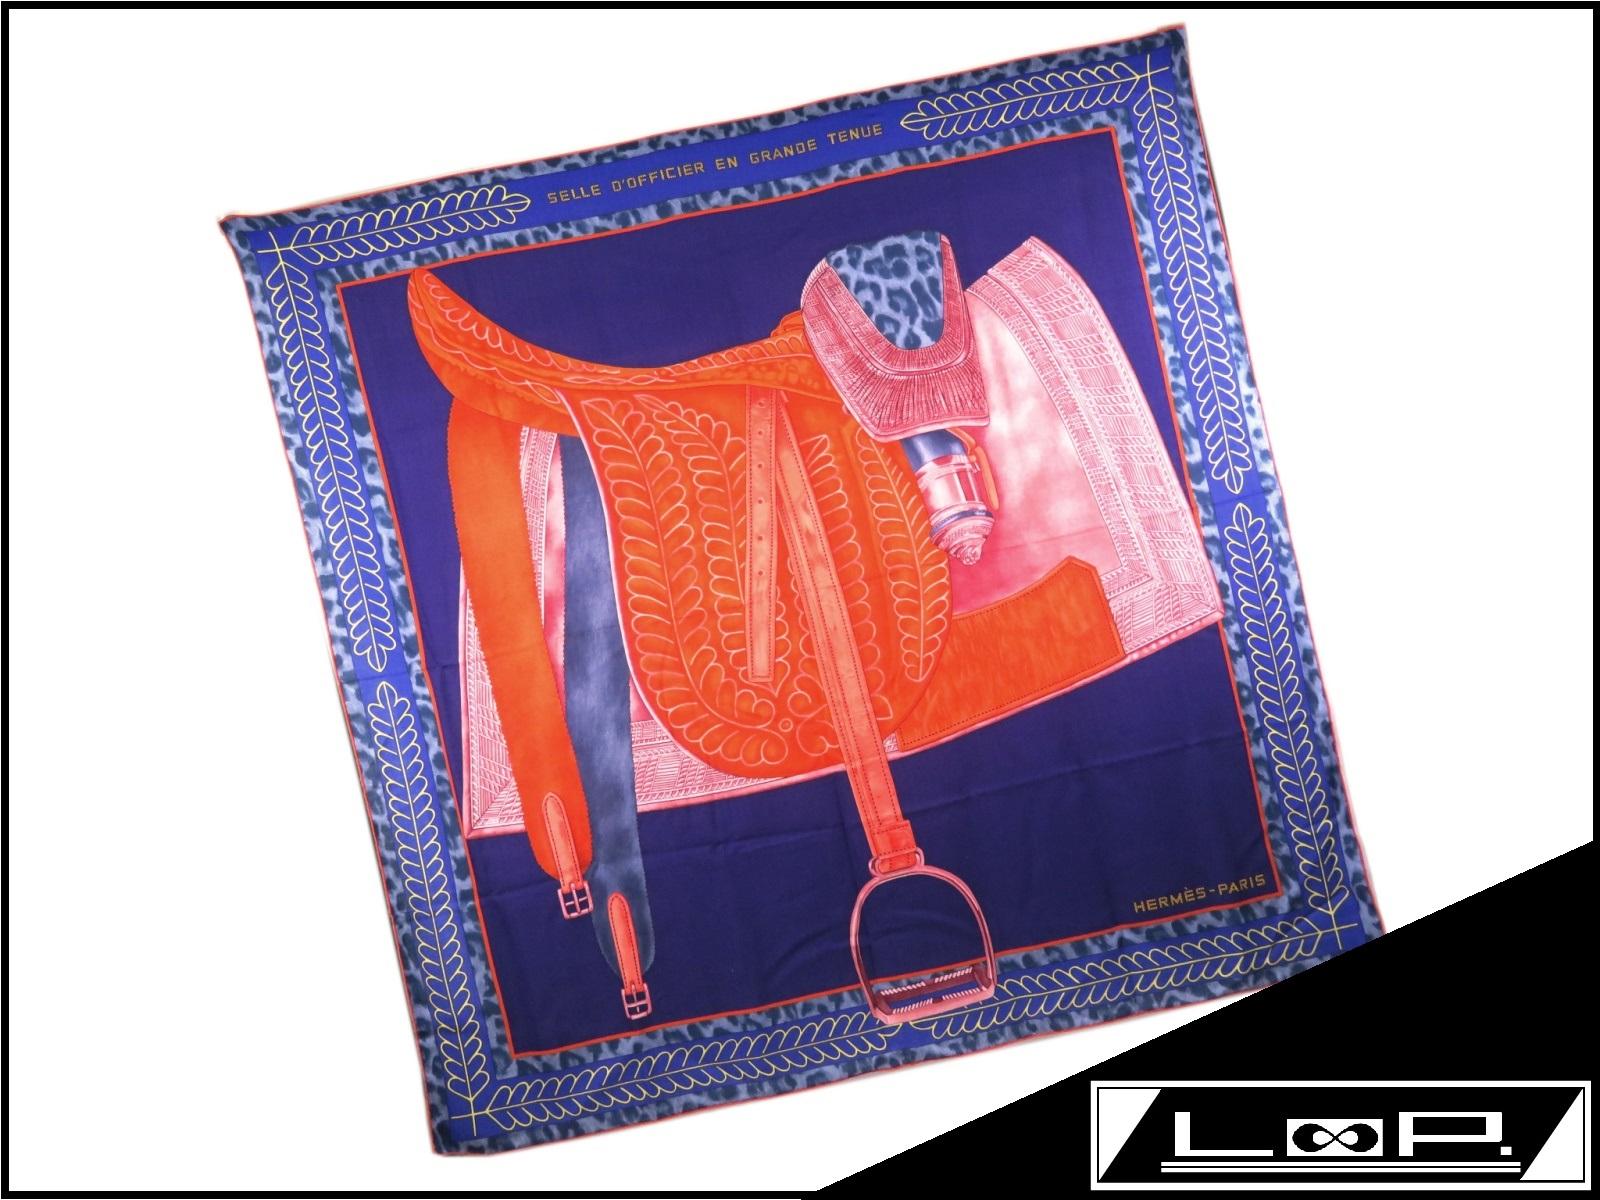 【新同】 HERMES エルメス カレ 140 Selle d'Officier en Grande Tenue 士官鞍の礼装 スカーフ カシミア ブルー オレンジ 【A22417】 【中古】